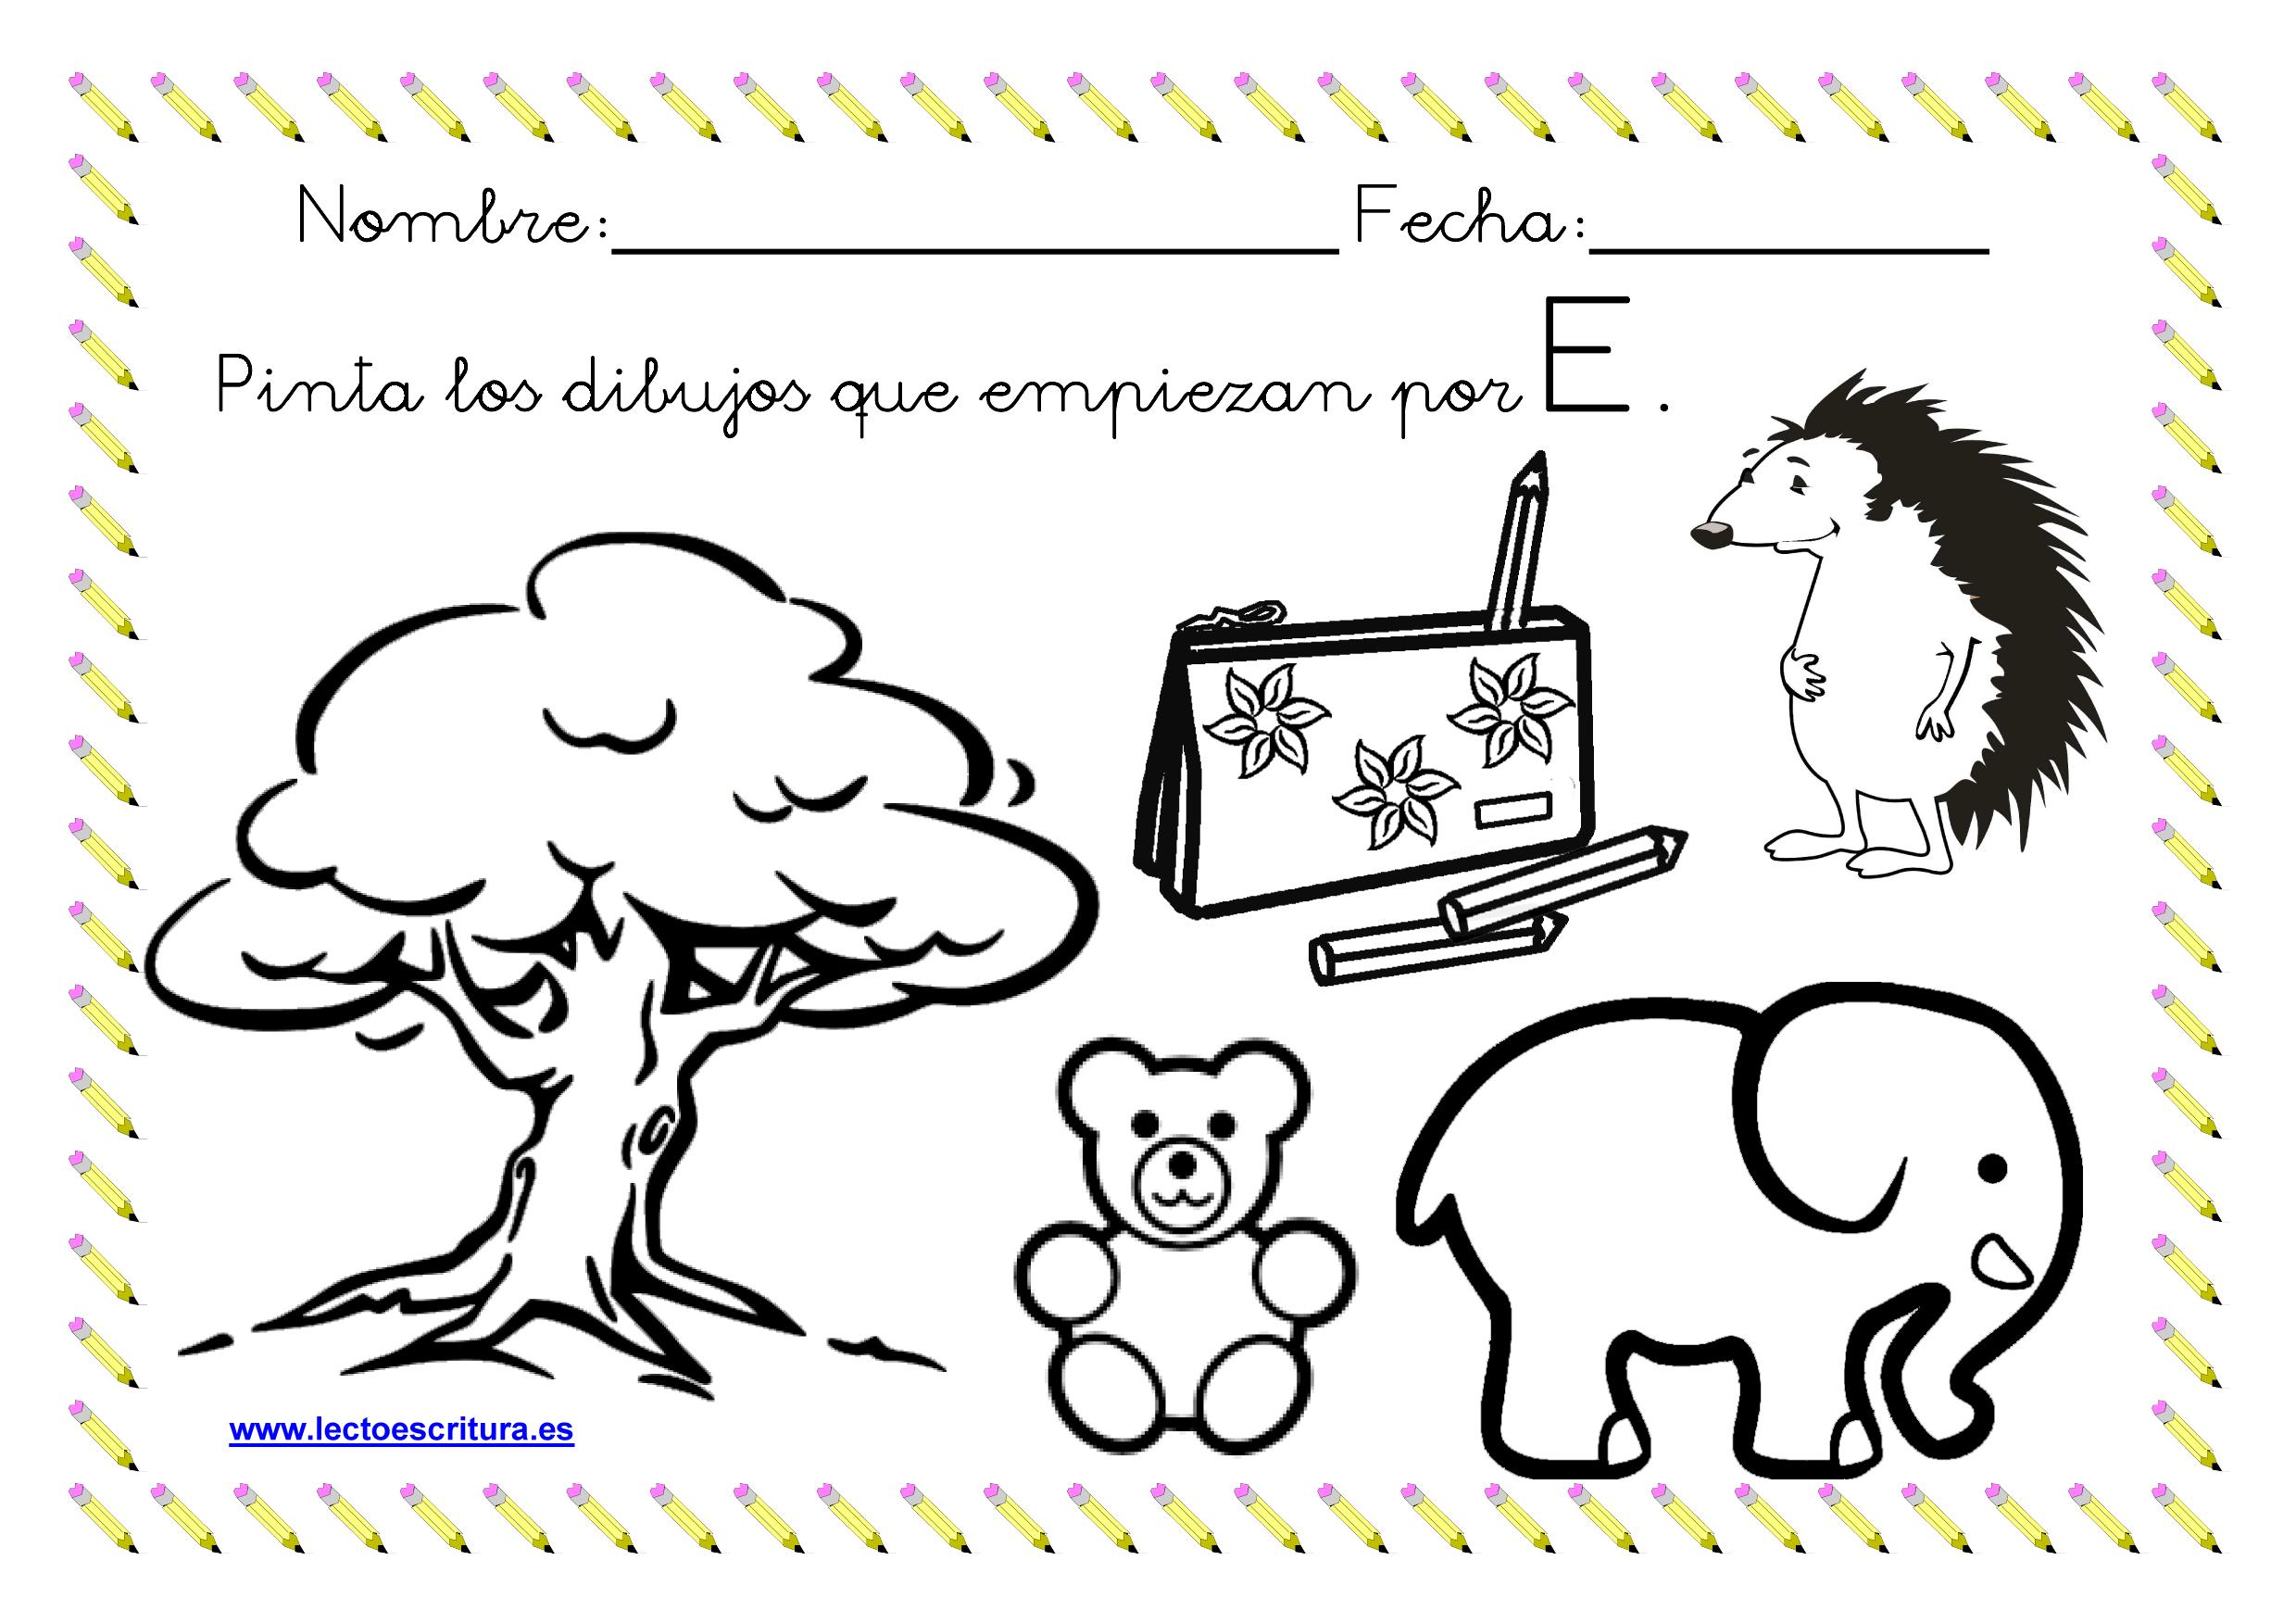 Www.lectoescritura.es. Ficha Colorear Dibujos Que Empiezan